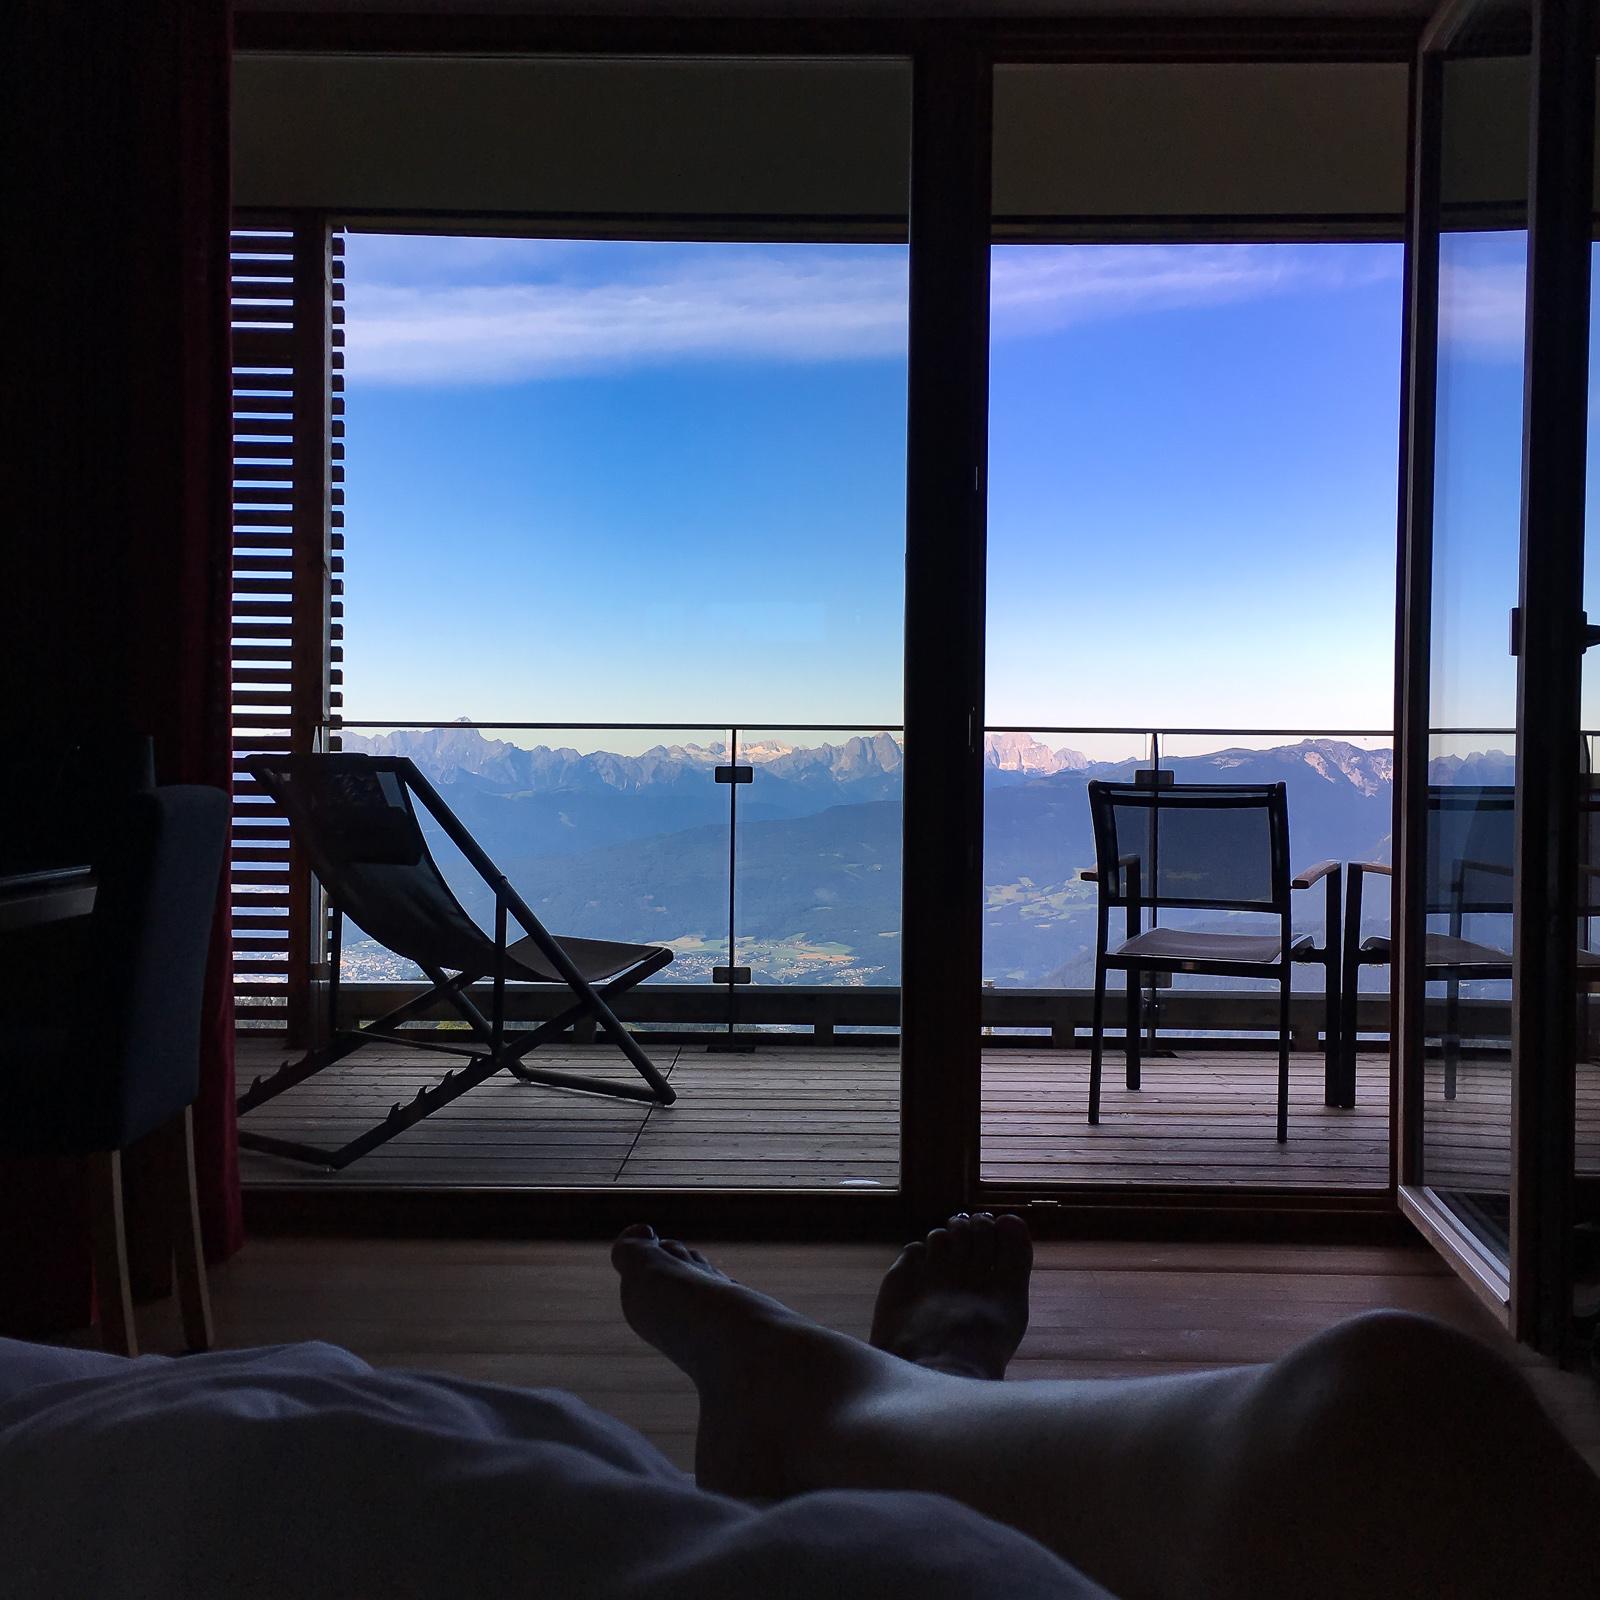 Das Alpinhotel Pacheiner auf der Gerlitzen in Kärnten - Hotel Review - Wellness und Wandern am Berg - Wanderurlaub - Bergsommer - Fashionladyloves by Tamara Wagner